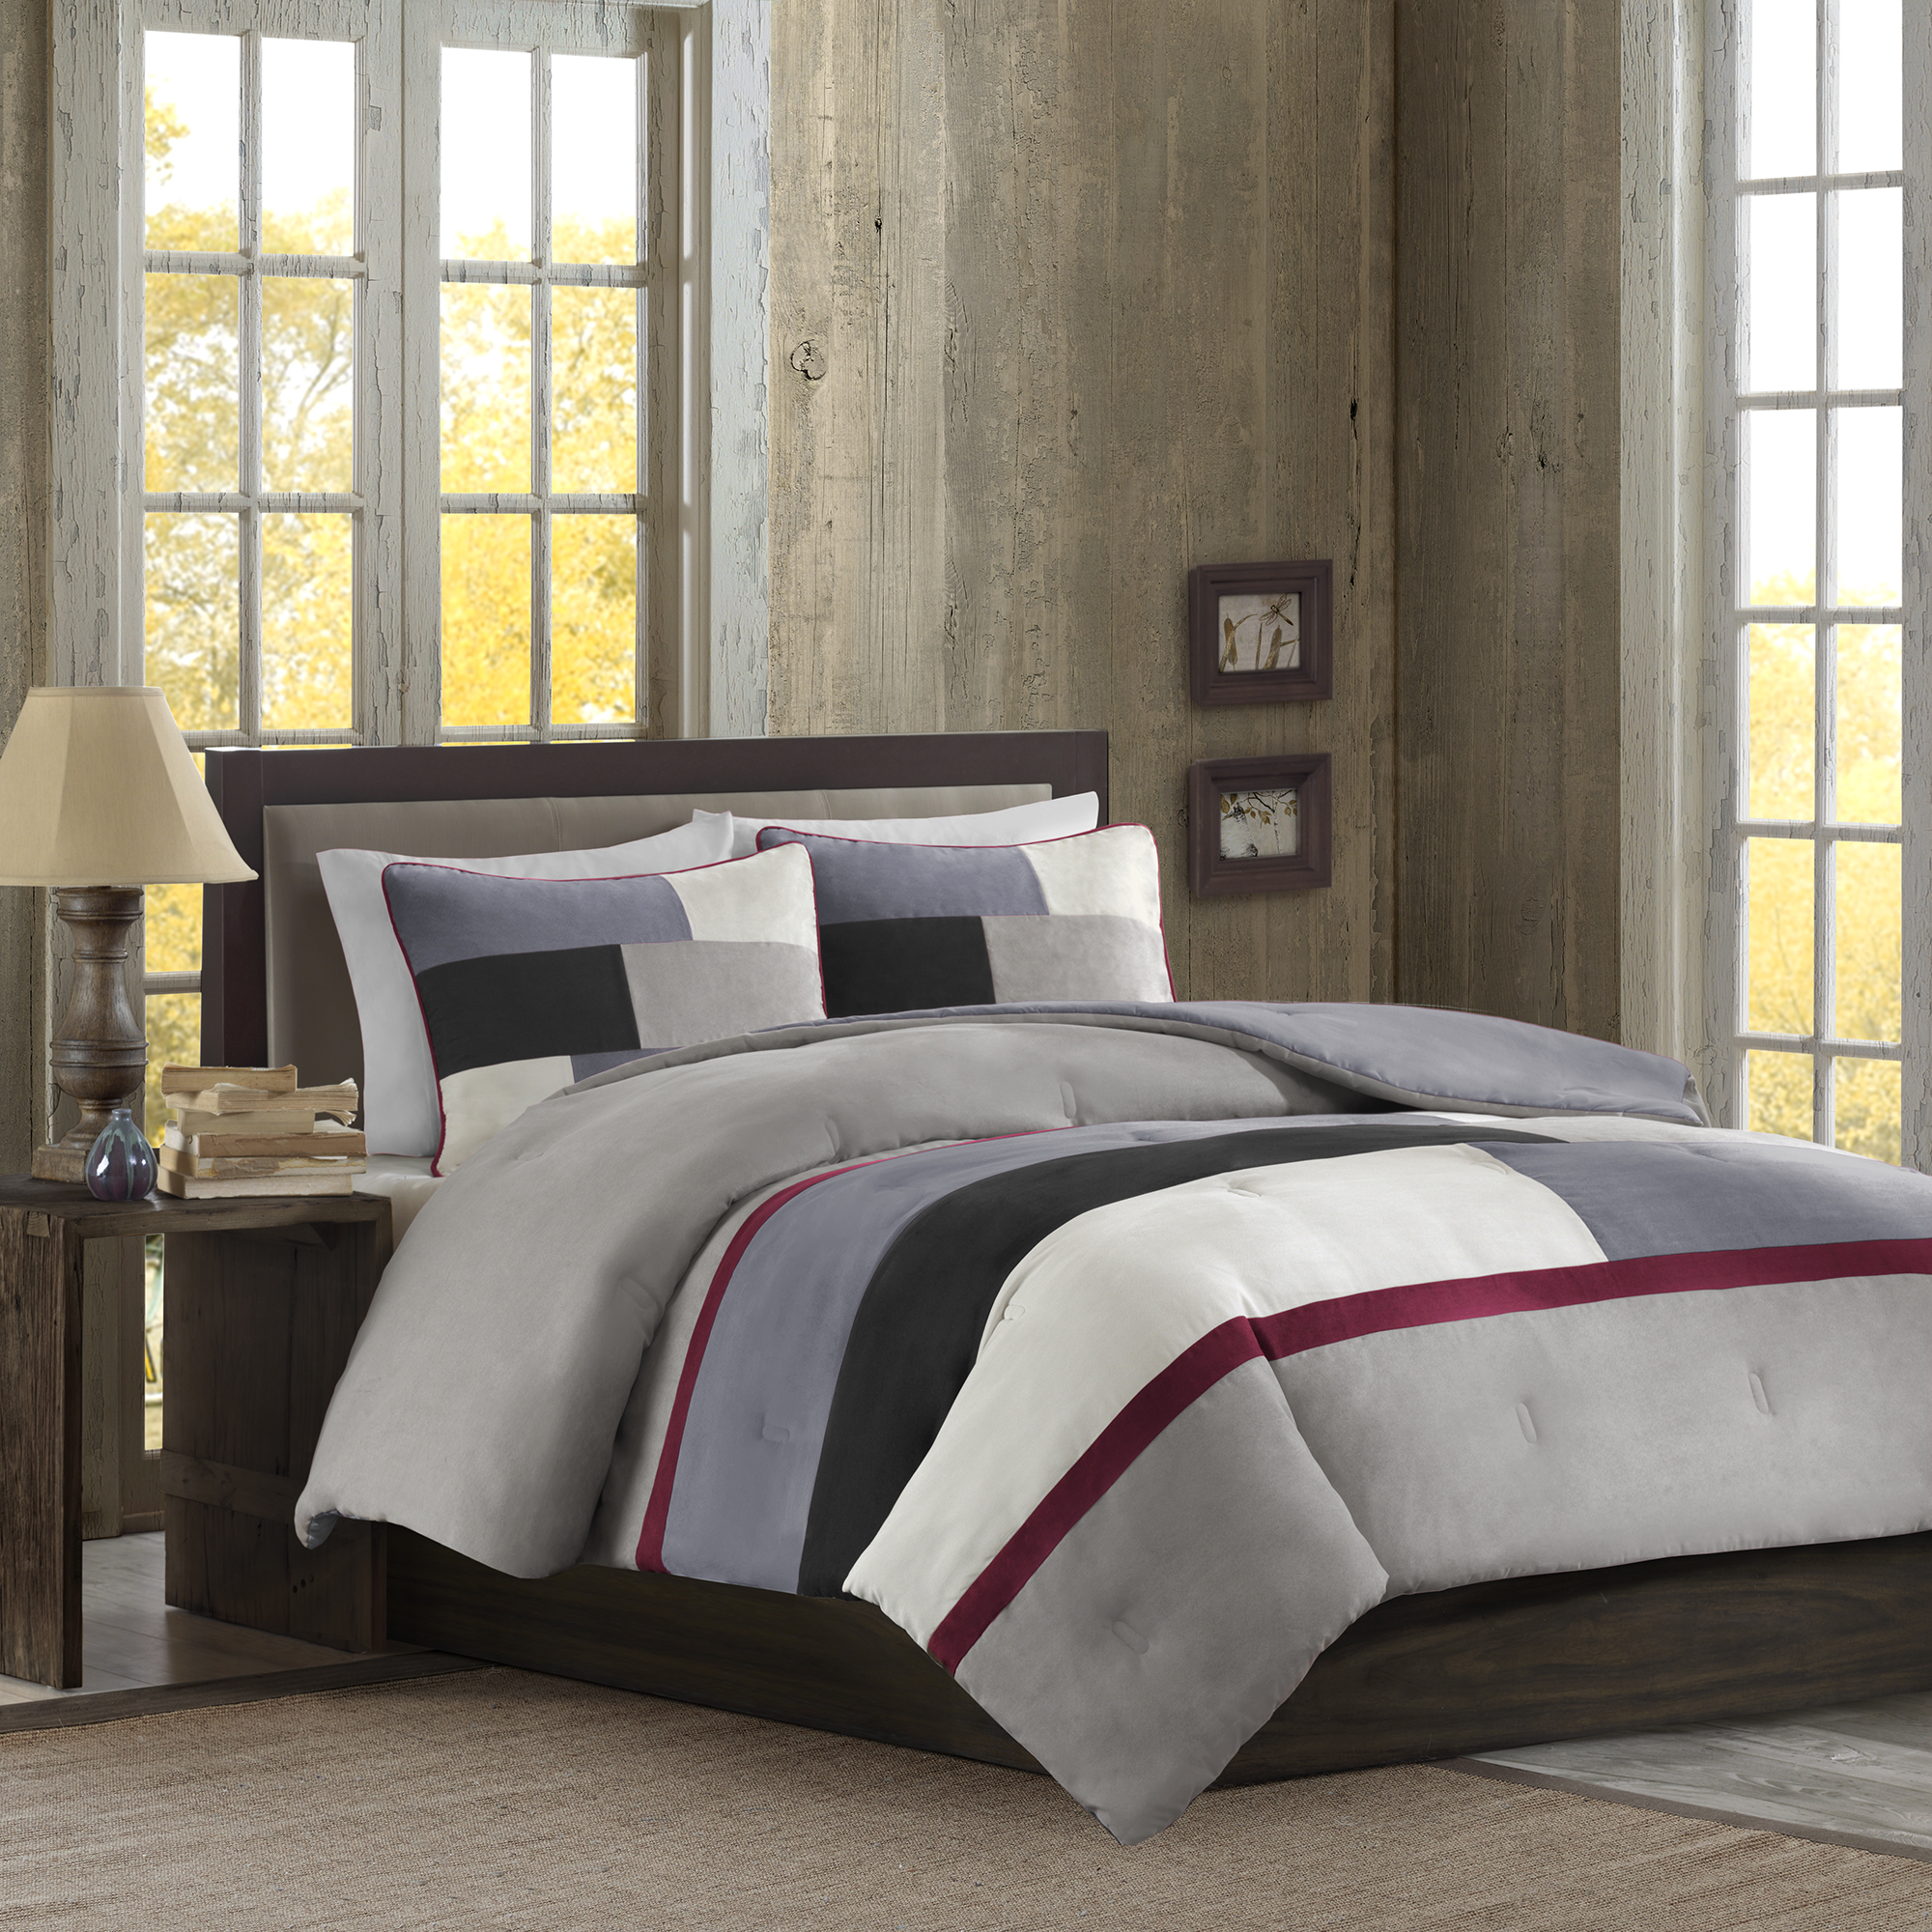 Better Homes & Gardens Full or Queen Microsuede Comforter Mini Set, 3 Piece